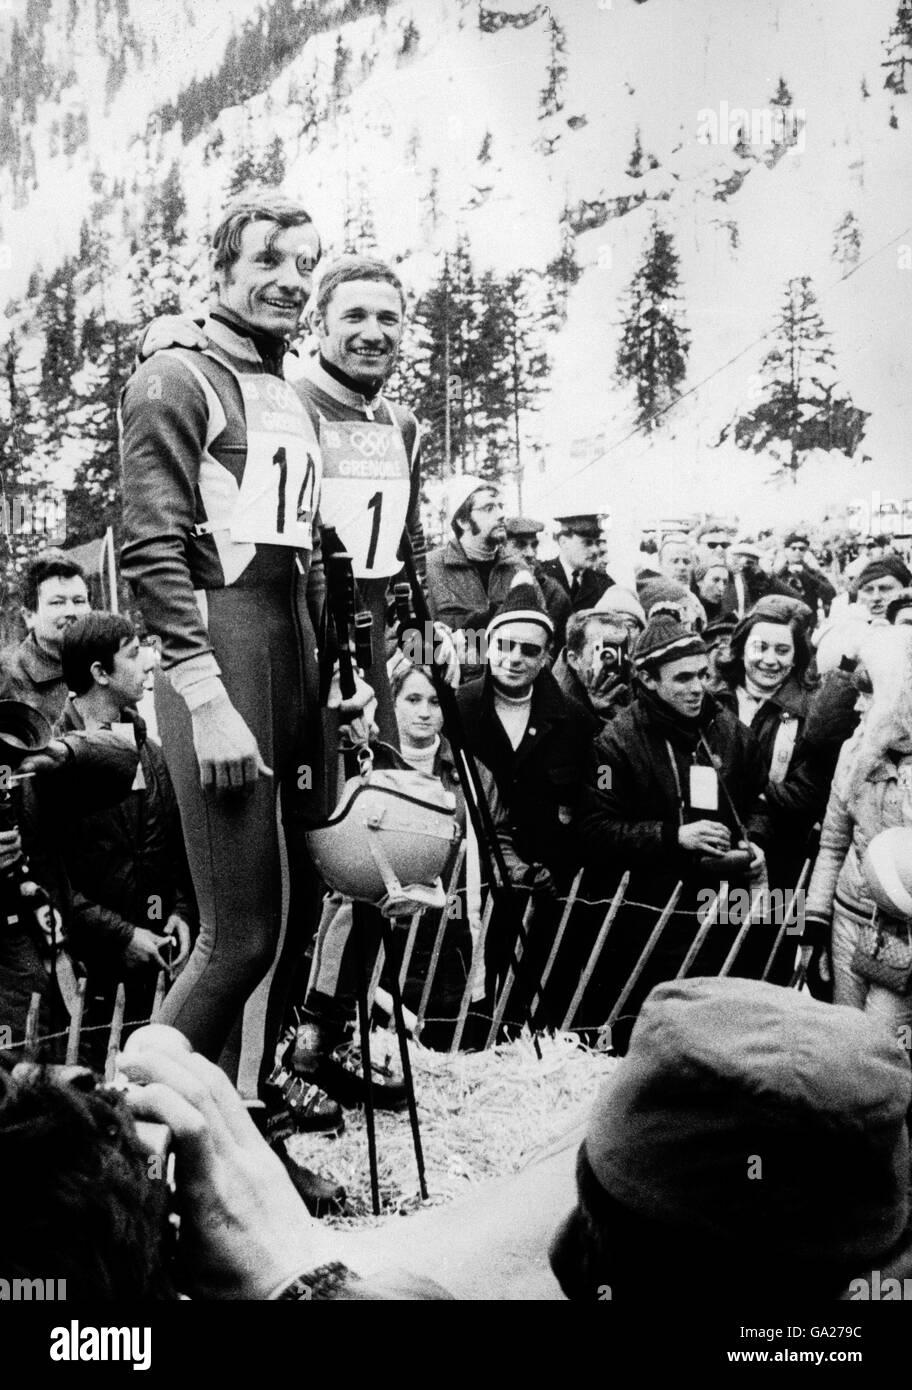 Esqui Grenoble Juegos Olimpicos De Invierno De 1968 Foto Imagen